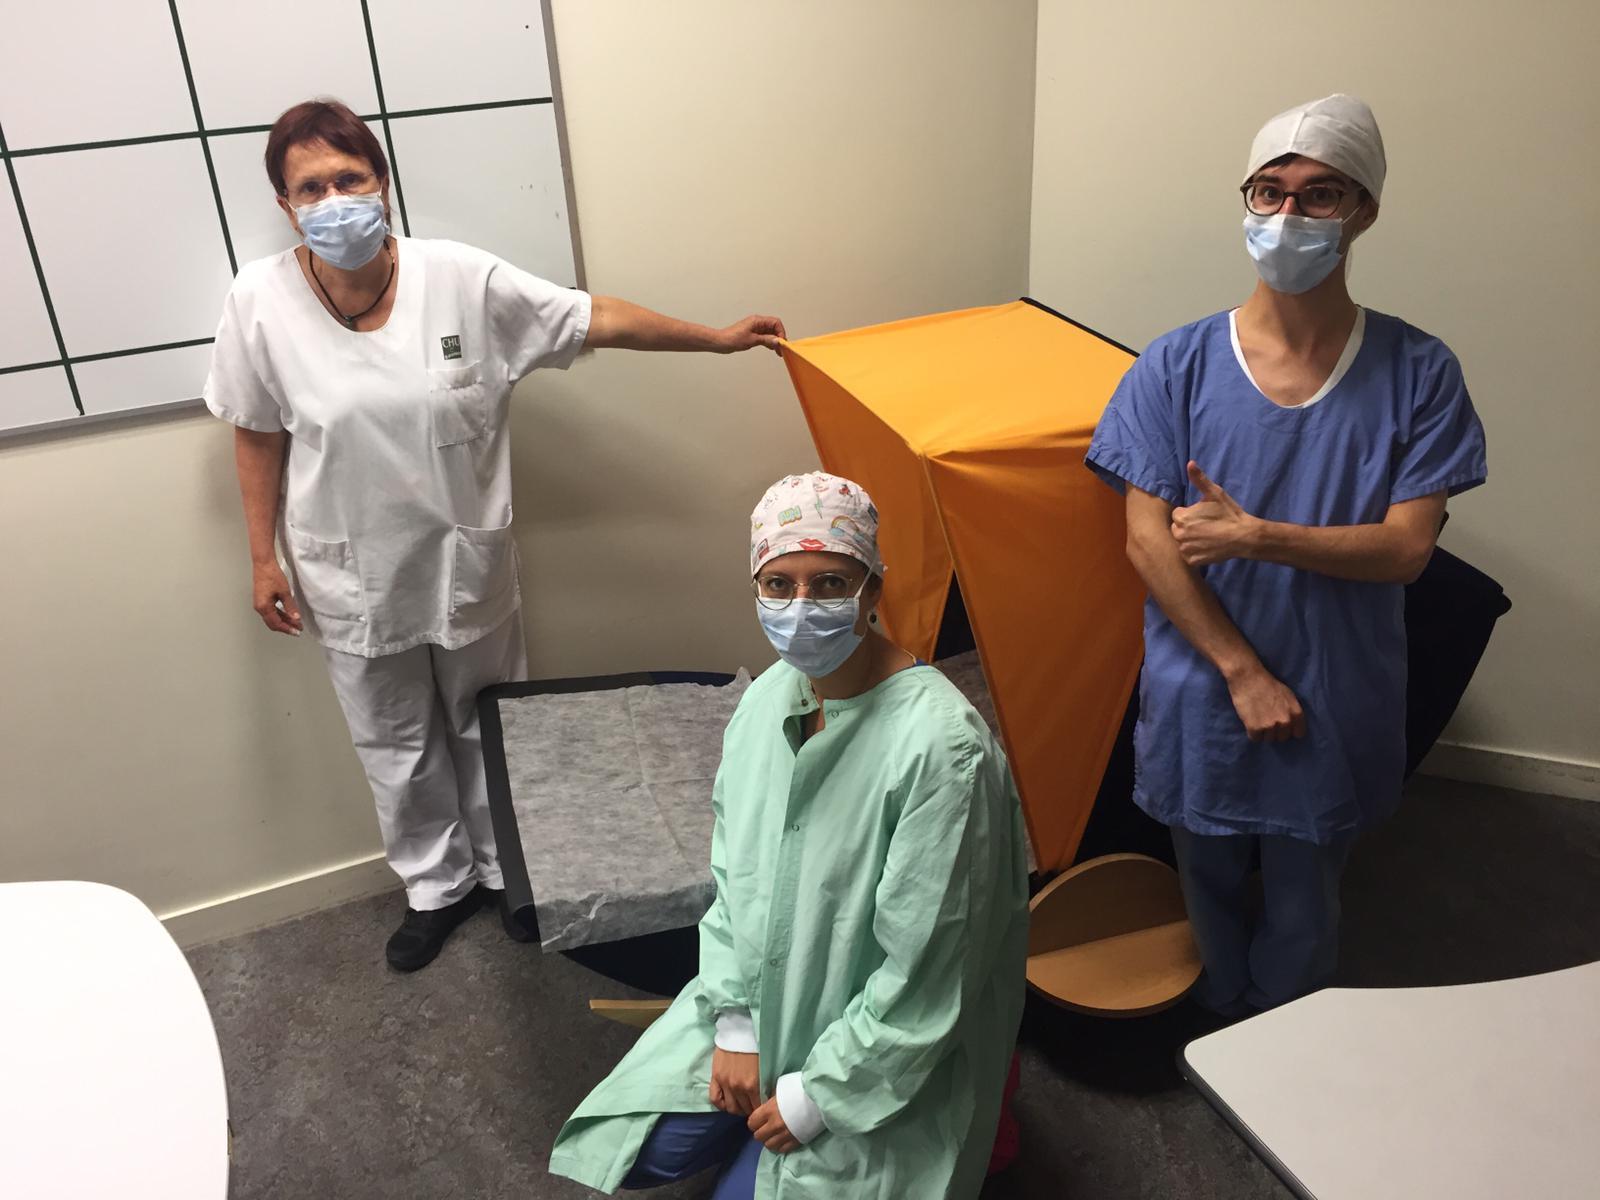 La salle de sieste à l'hôpital de Rennes avec un cocon Nap&Up